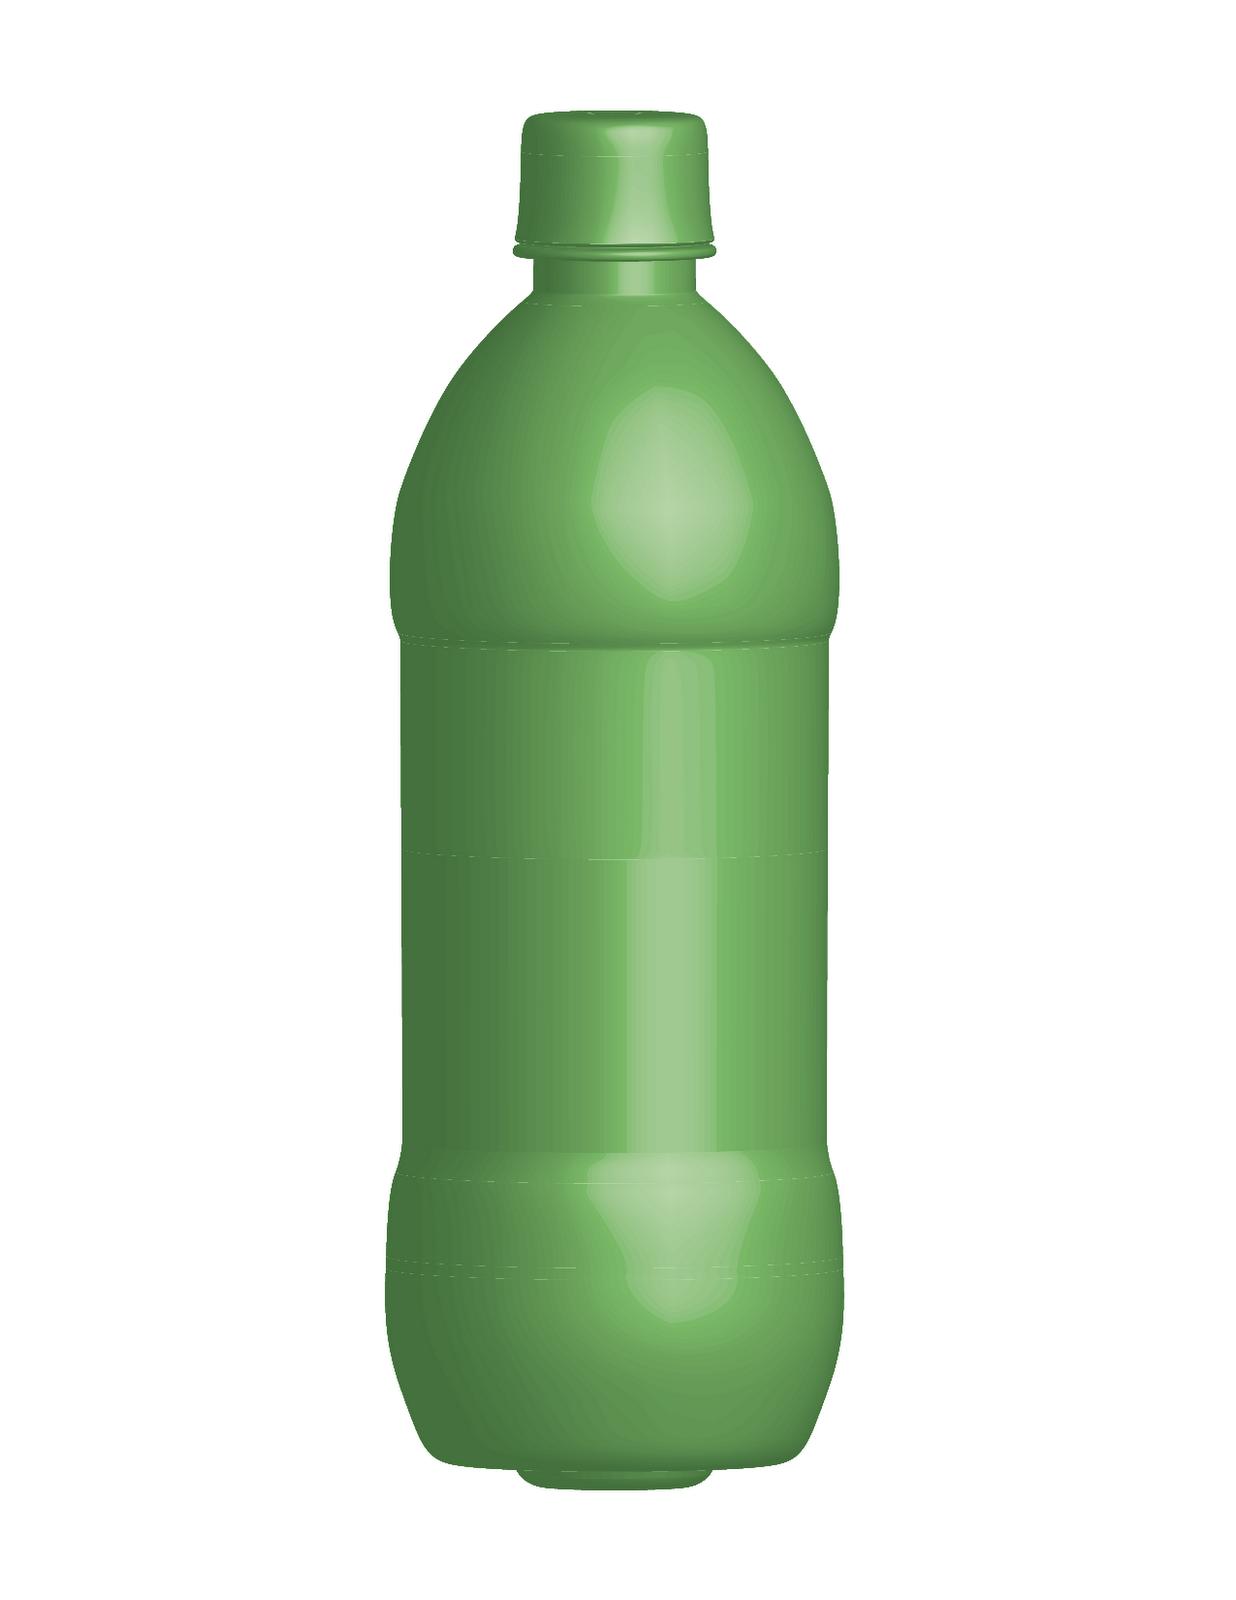 how tall is soda bottle